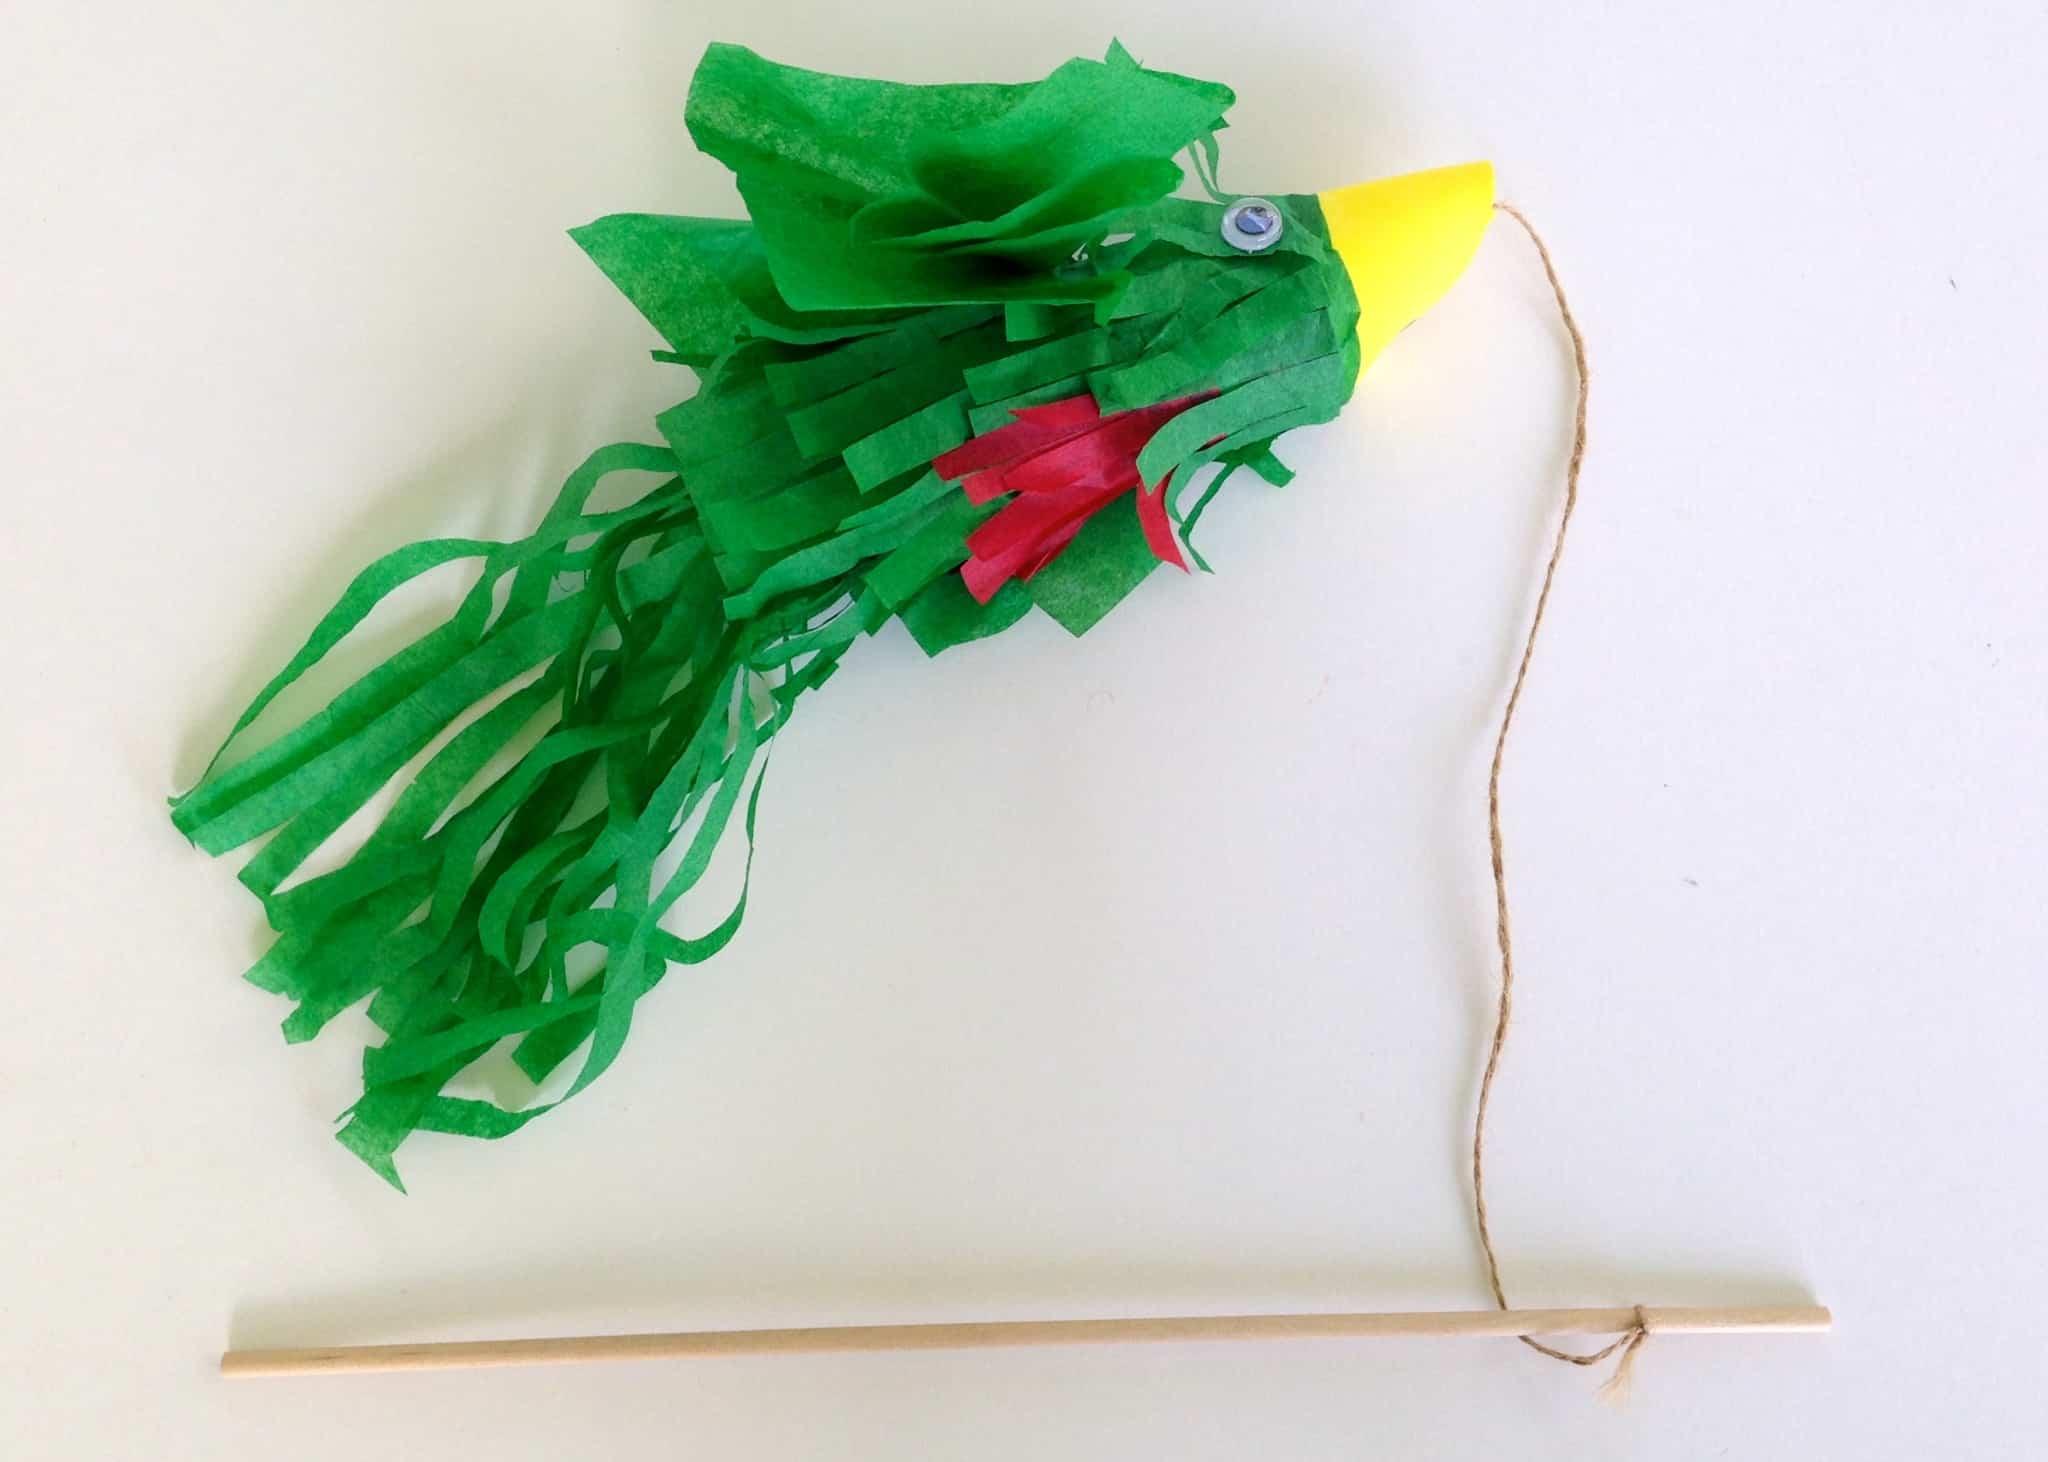 Flying tissue paper parrot